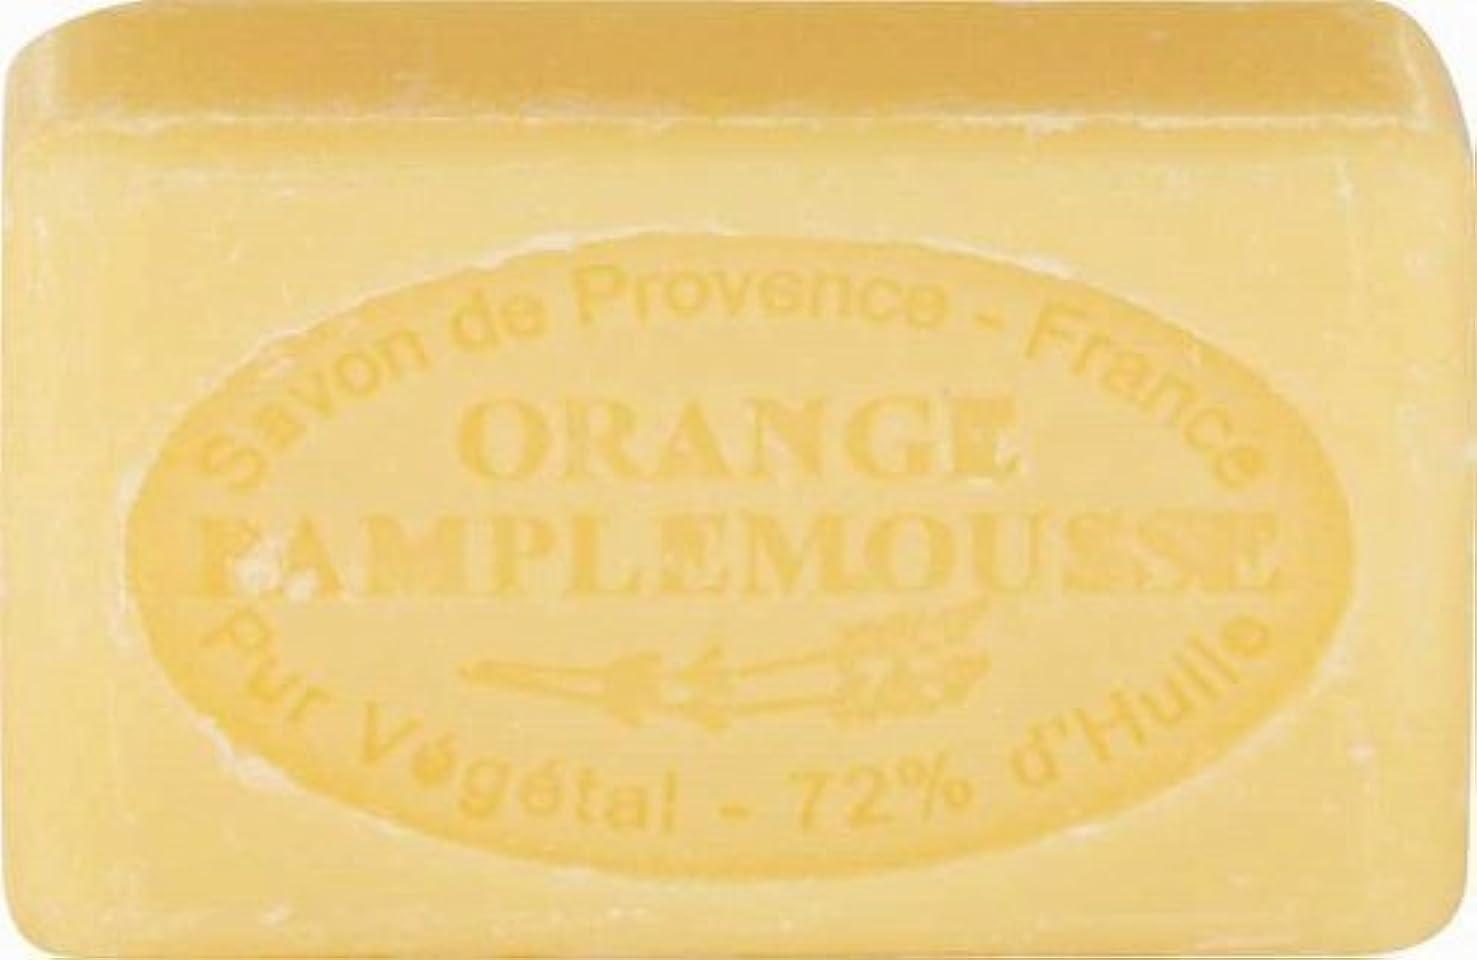 地上でドール香りル?シャトラール ソープ 60g オレンジグレープフルーツ SAVON60